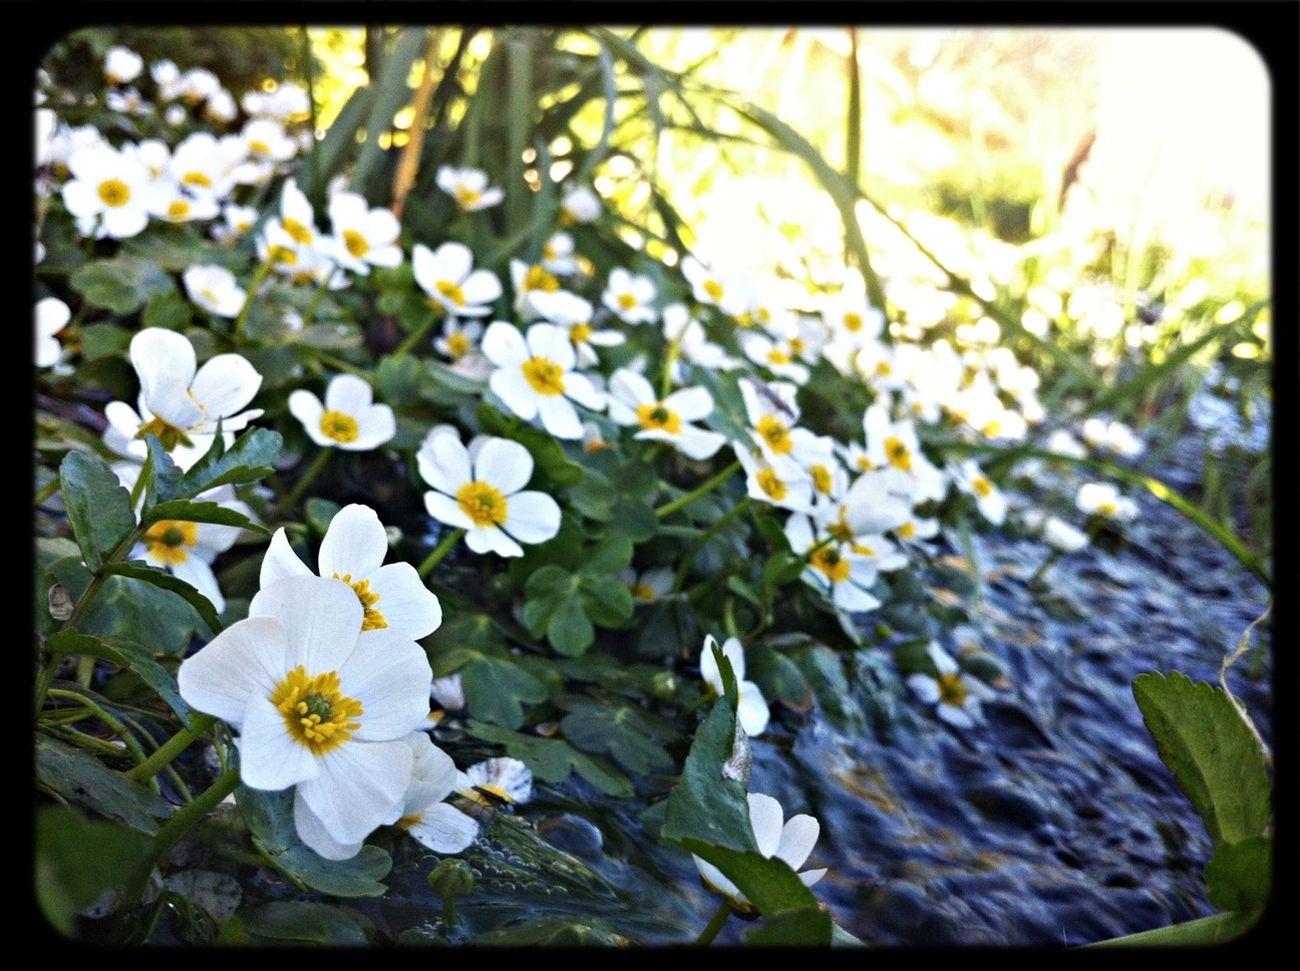 Flowers Spring Stream VivirExtremadura